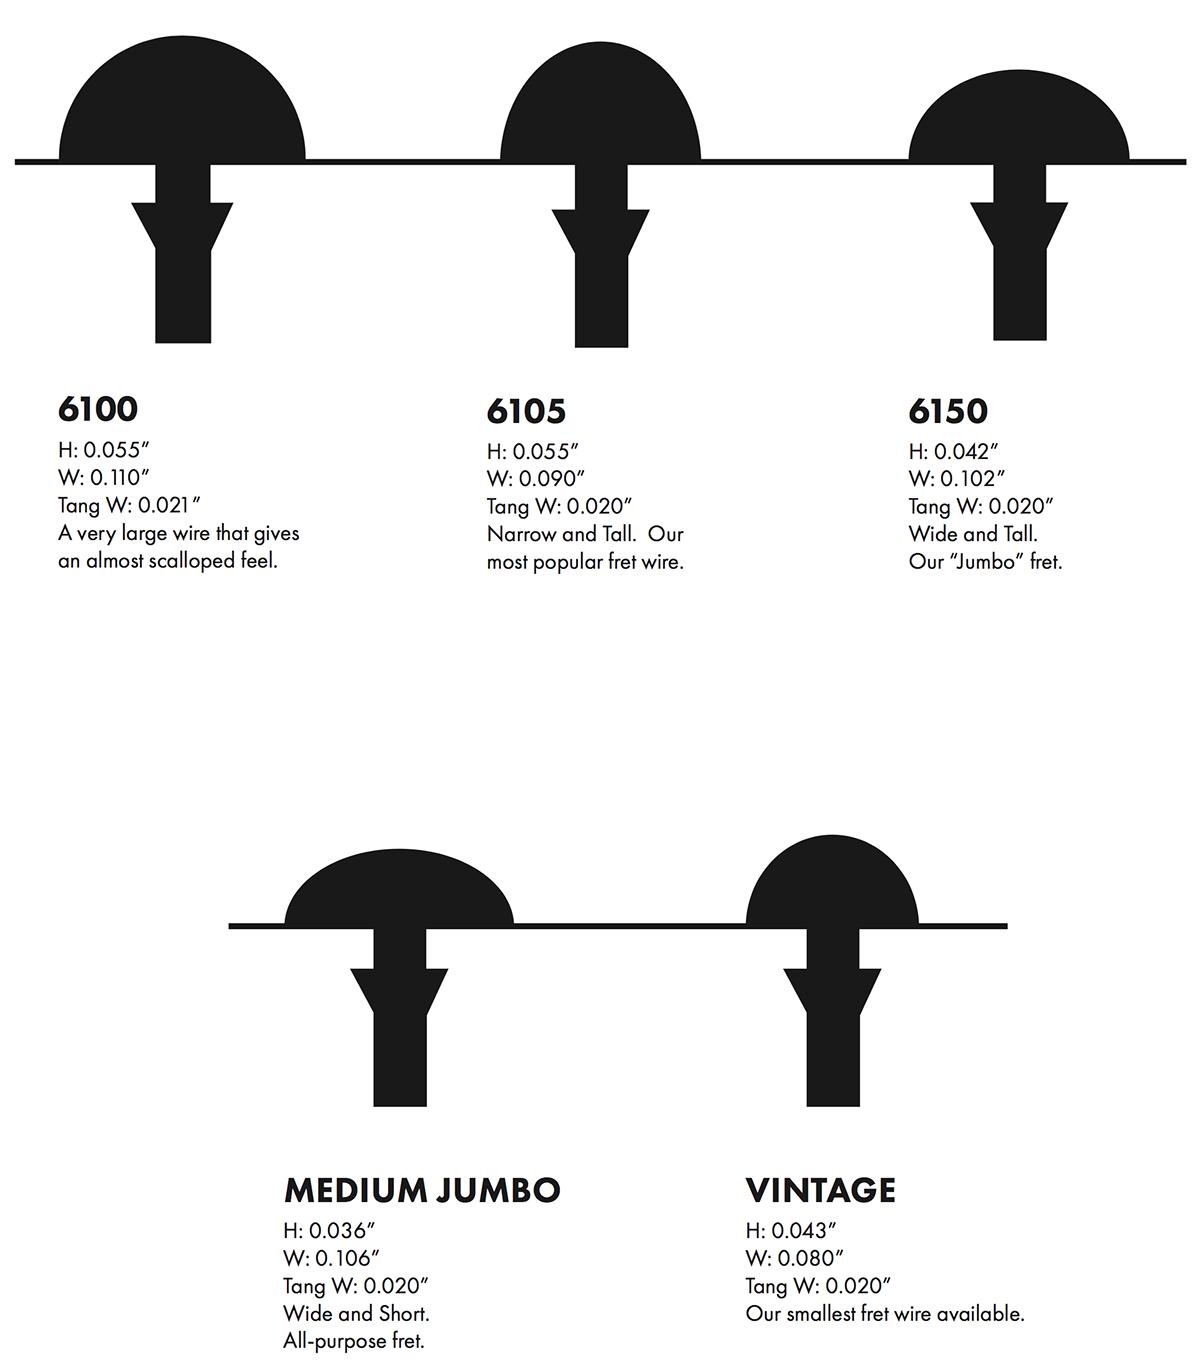 fender custom shop fret wire project 24 in 2019 fender custom shop guitar musicals. Black Bedroom Furniture Sets. Home Design Ideas